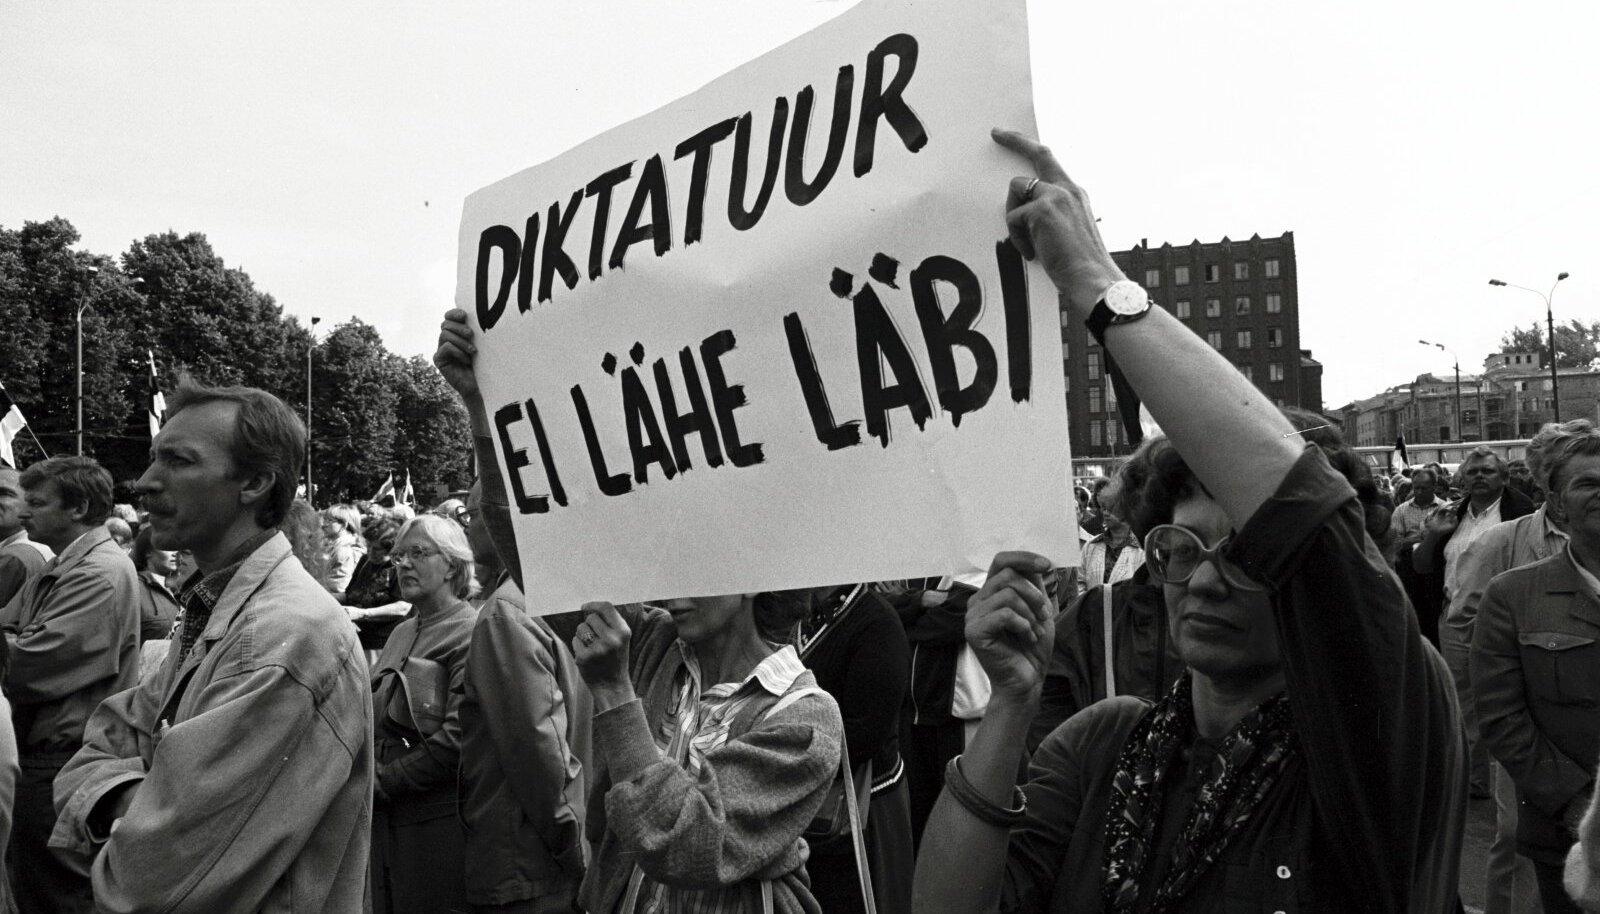 Rahvarinde korraldatud miiting Vabaduse väljakul augustiputši ajal, kus nõuti Eesti iseseisvuse väljakuulutamist.